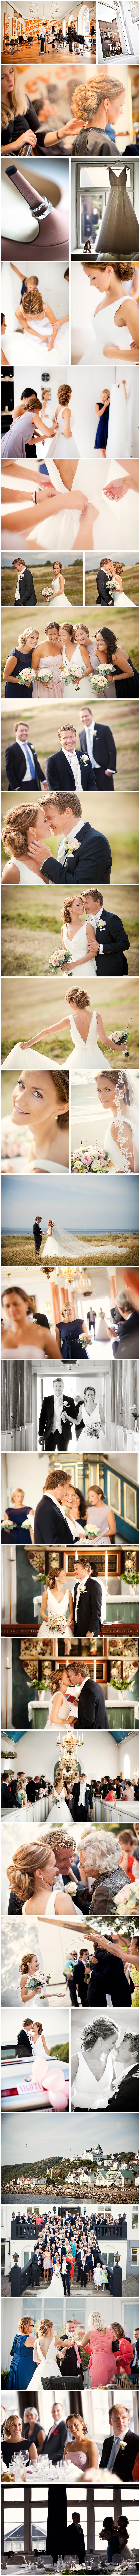 bröllopsfotograf, bryllupsfotograf, mölle, skåne, helsingborg, viken, marie walther, mw photo&design